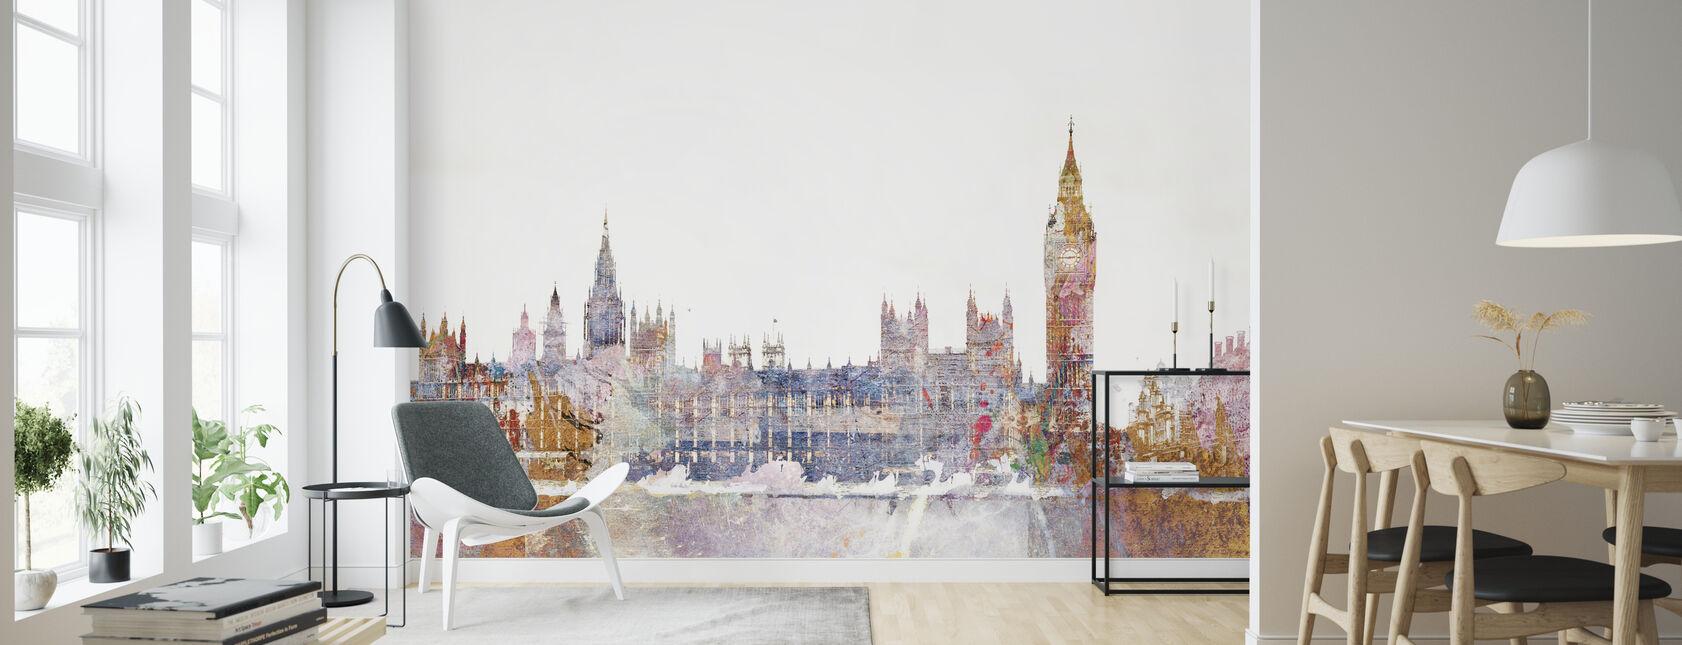 Parliament Color Splash - Wallpaper - Living Room